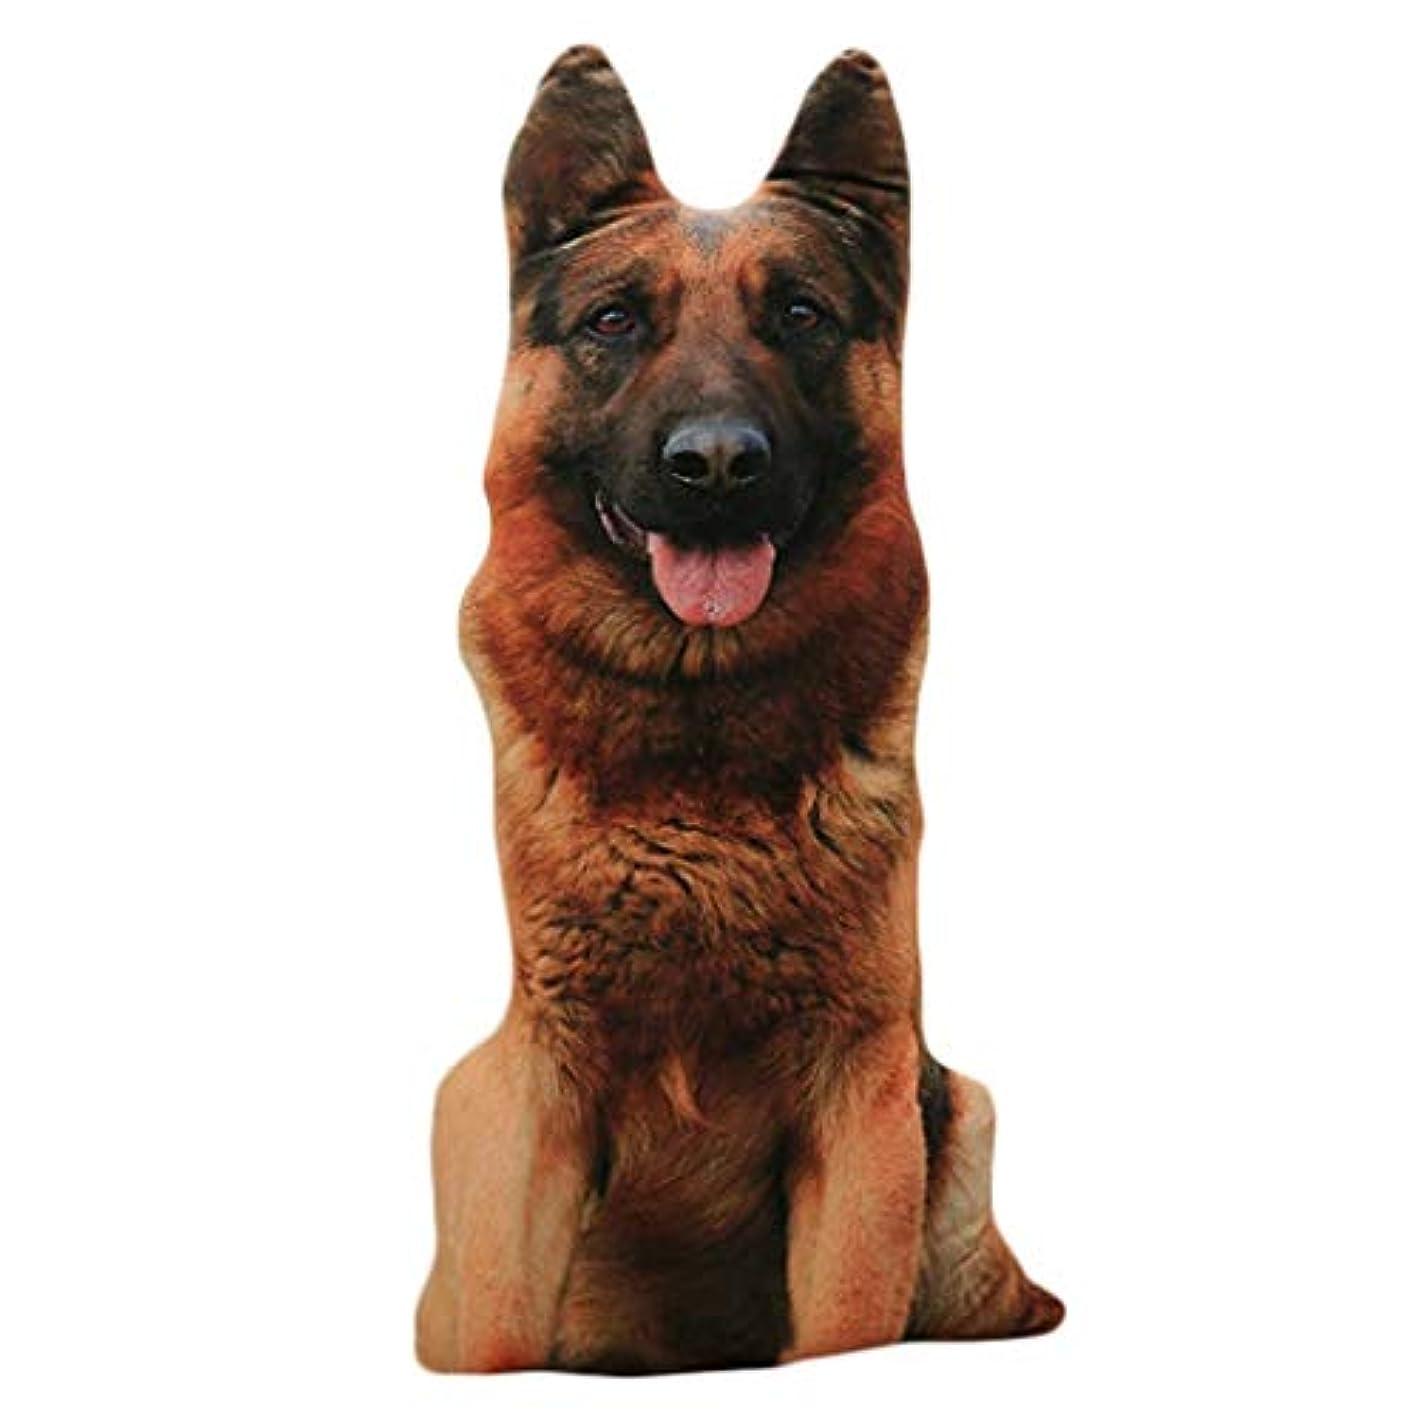 管理ギャング慣れているLIFE 装飾クッションソファおかしい 3D 犬印刷スロー枕創造クッションかわいいぬいぐるみギフト家の装飾 coussin decoratif クッション 椅子